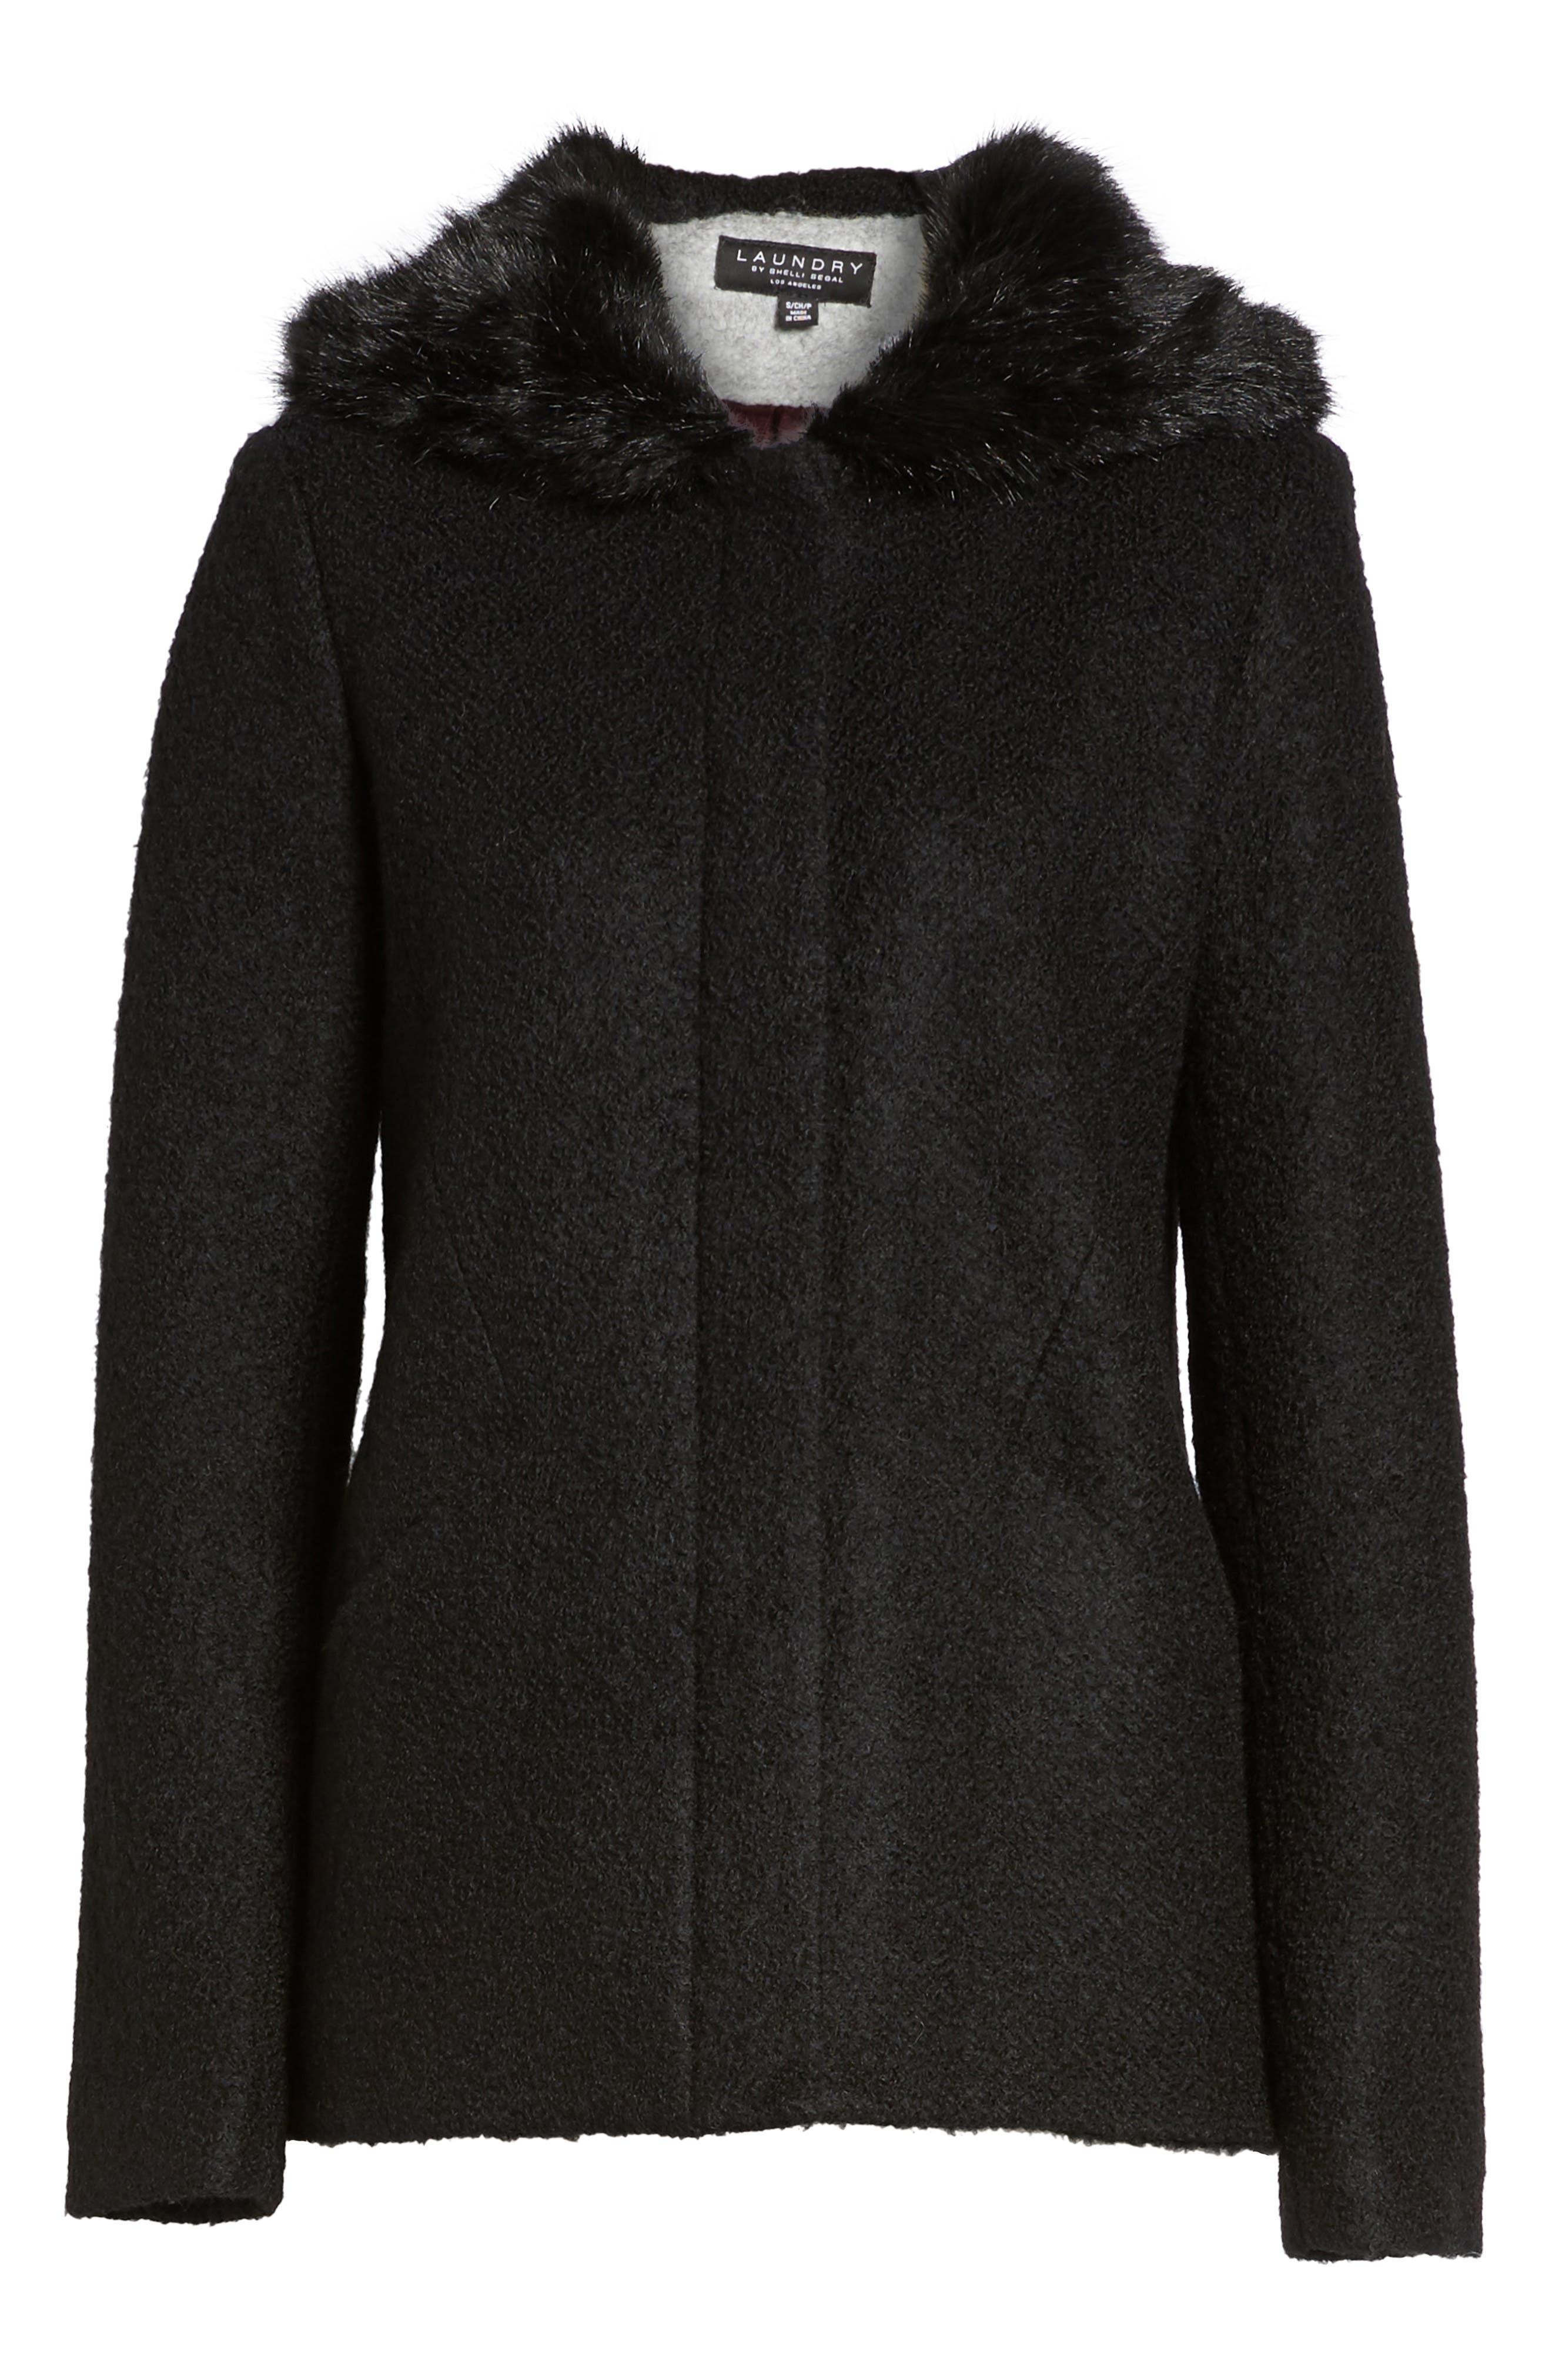 Hooded Wool Blend Bouclé Jacket with Faux Fur Trim,                             Alternate thumbnail 6, color,                             Black